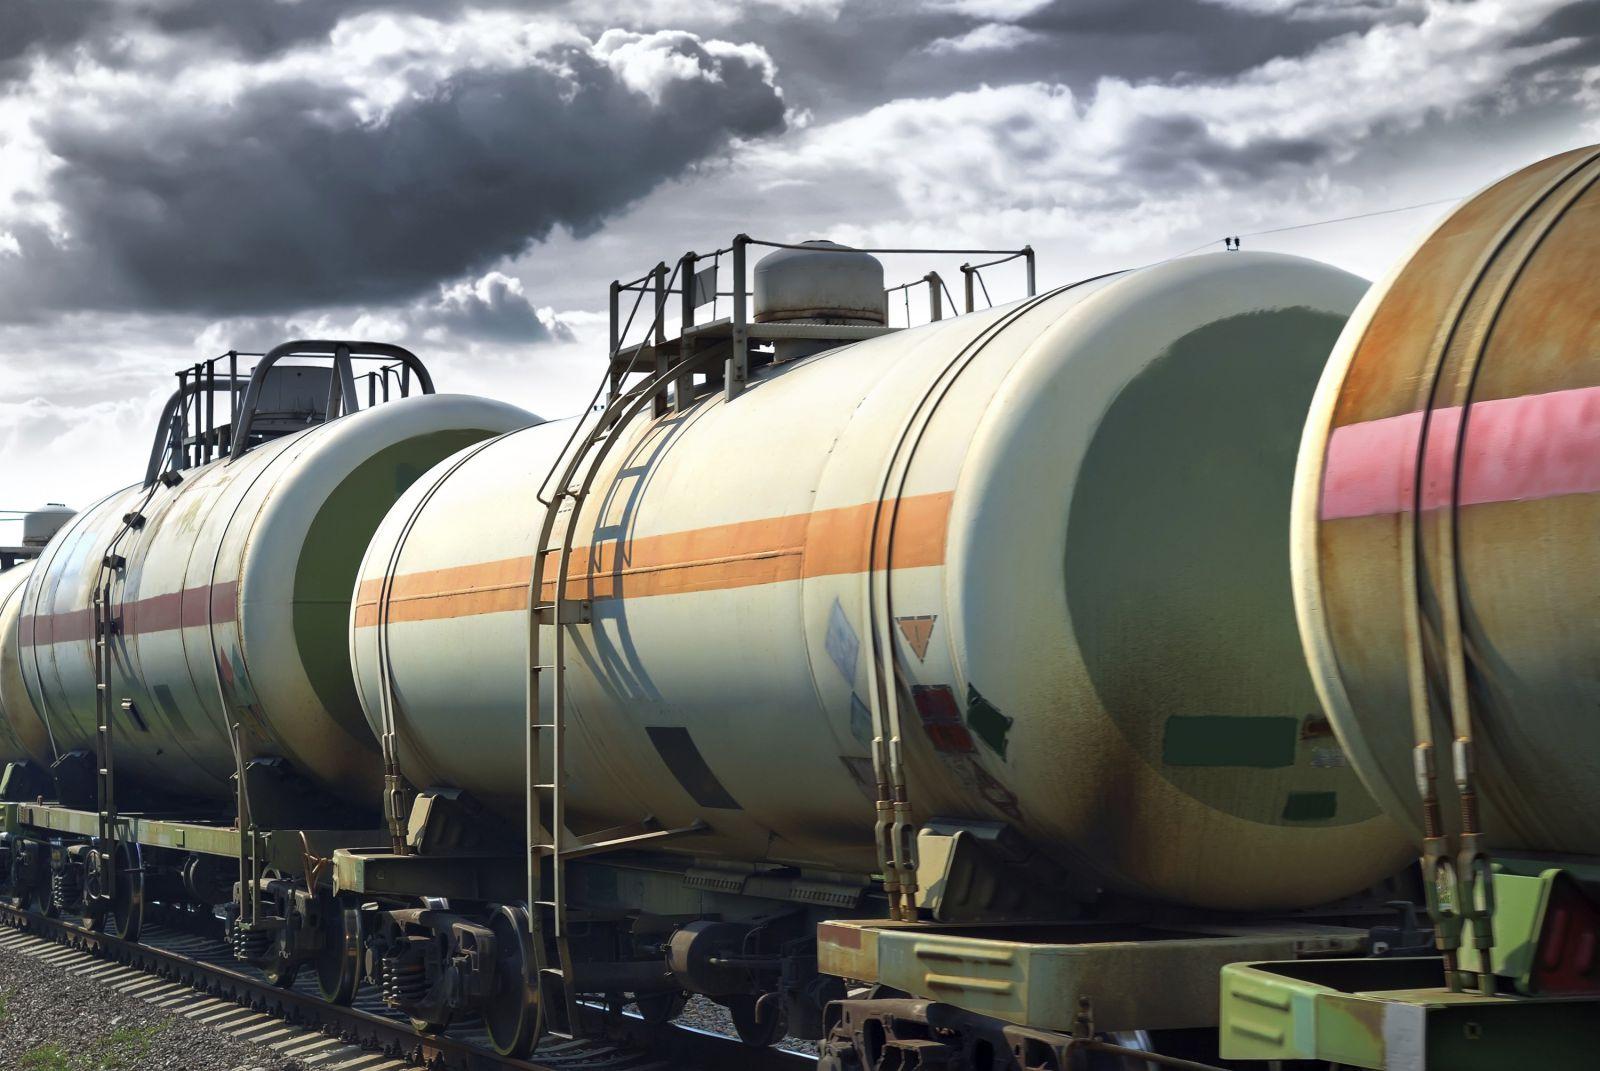 Индикативный баланс по поставкам ГСМ между Казахстаном и РФ будет стремиться к нулю – Минэнерго РК